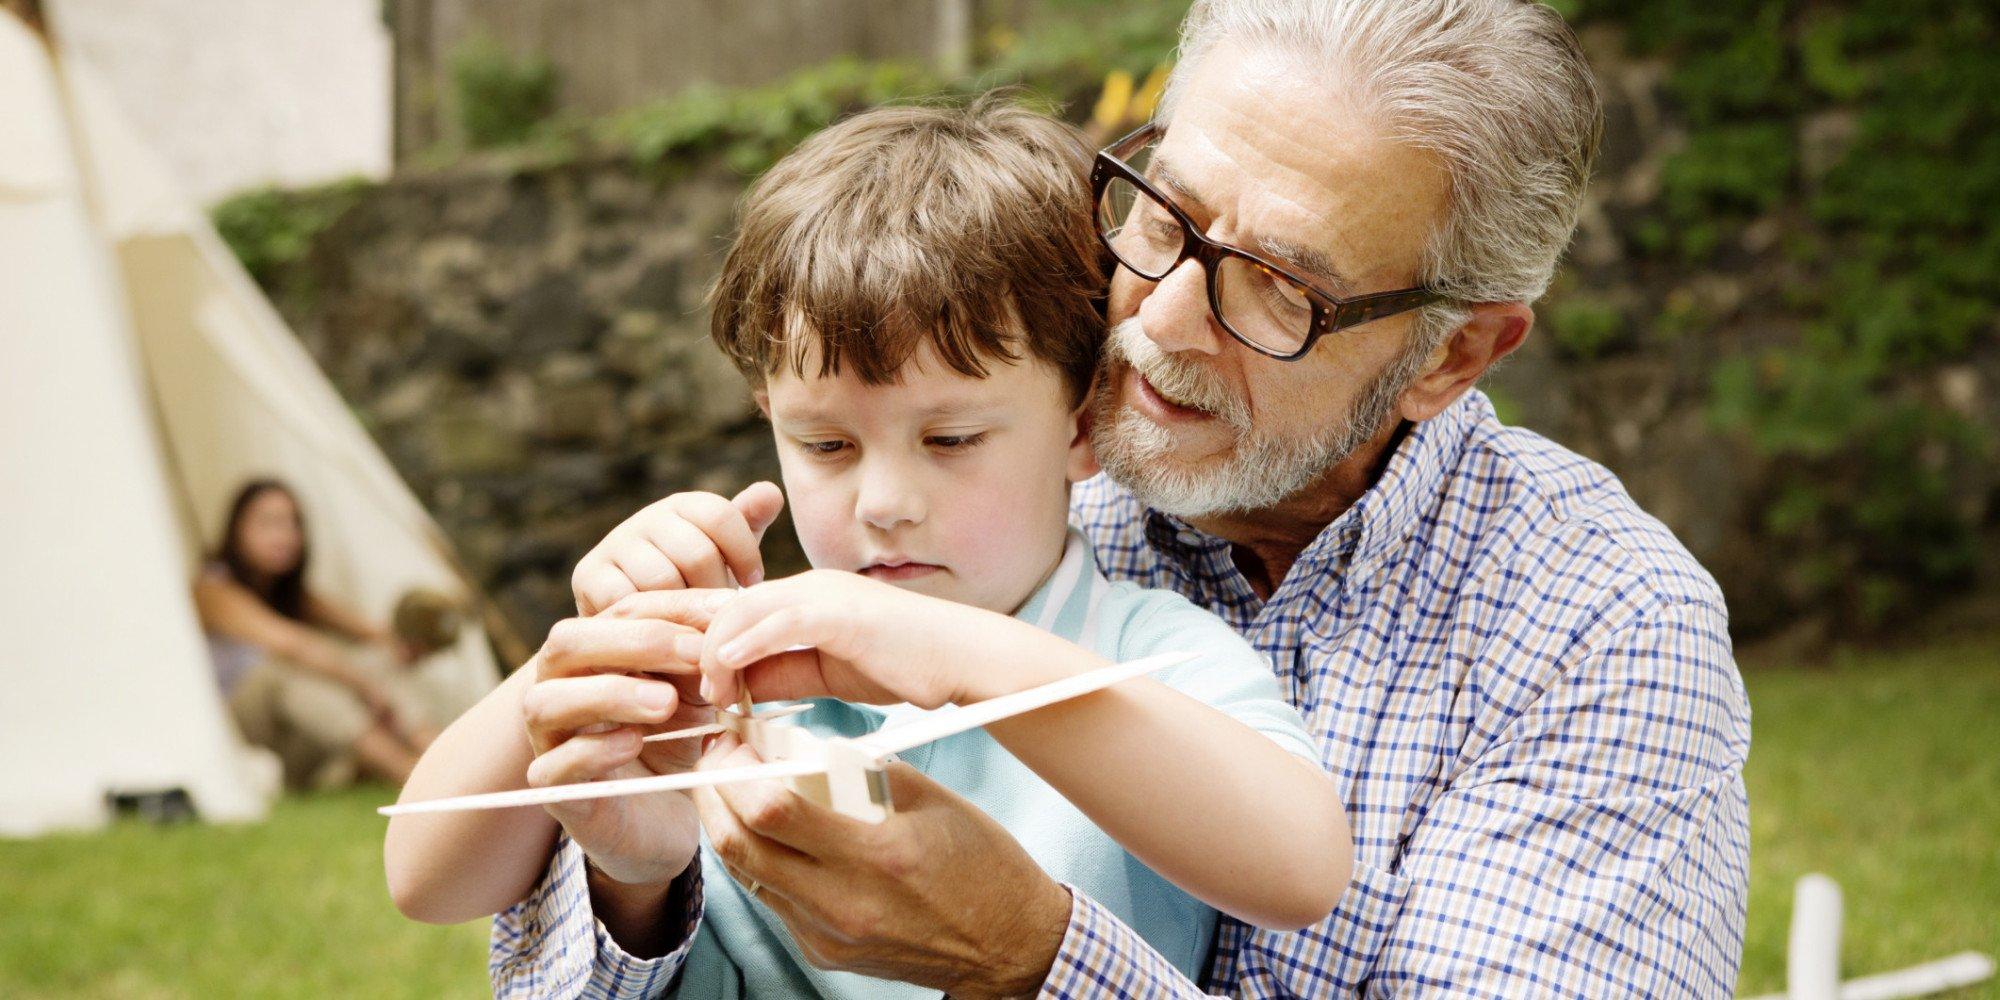 o grandparent and grandchild facebook.jpg?resize=1200,630 - Avô deixa carta aos netos que é um verdadeiro legado para o mundo